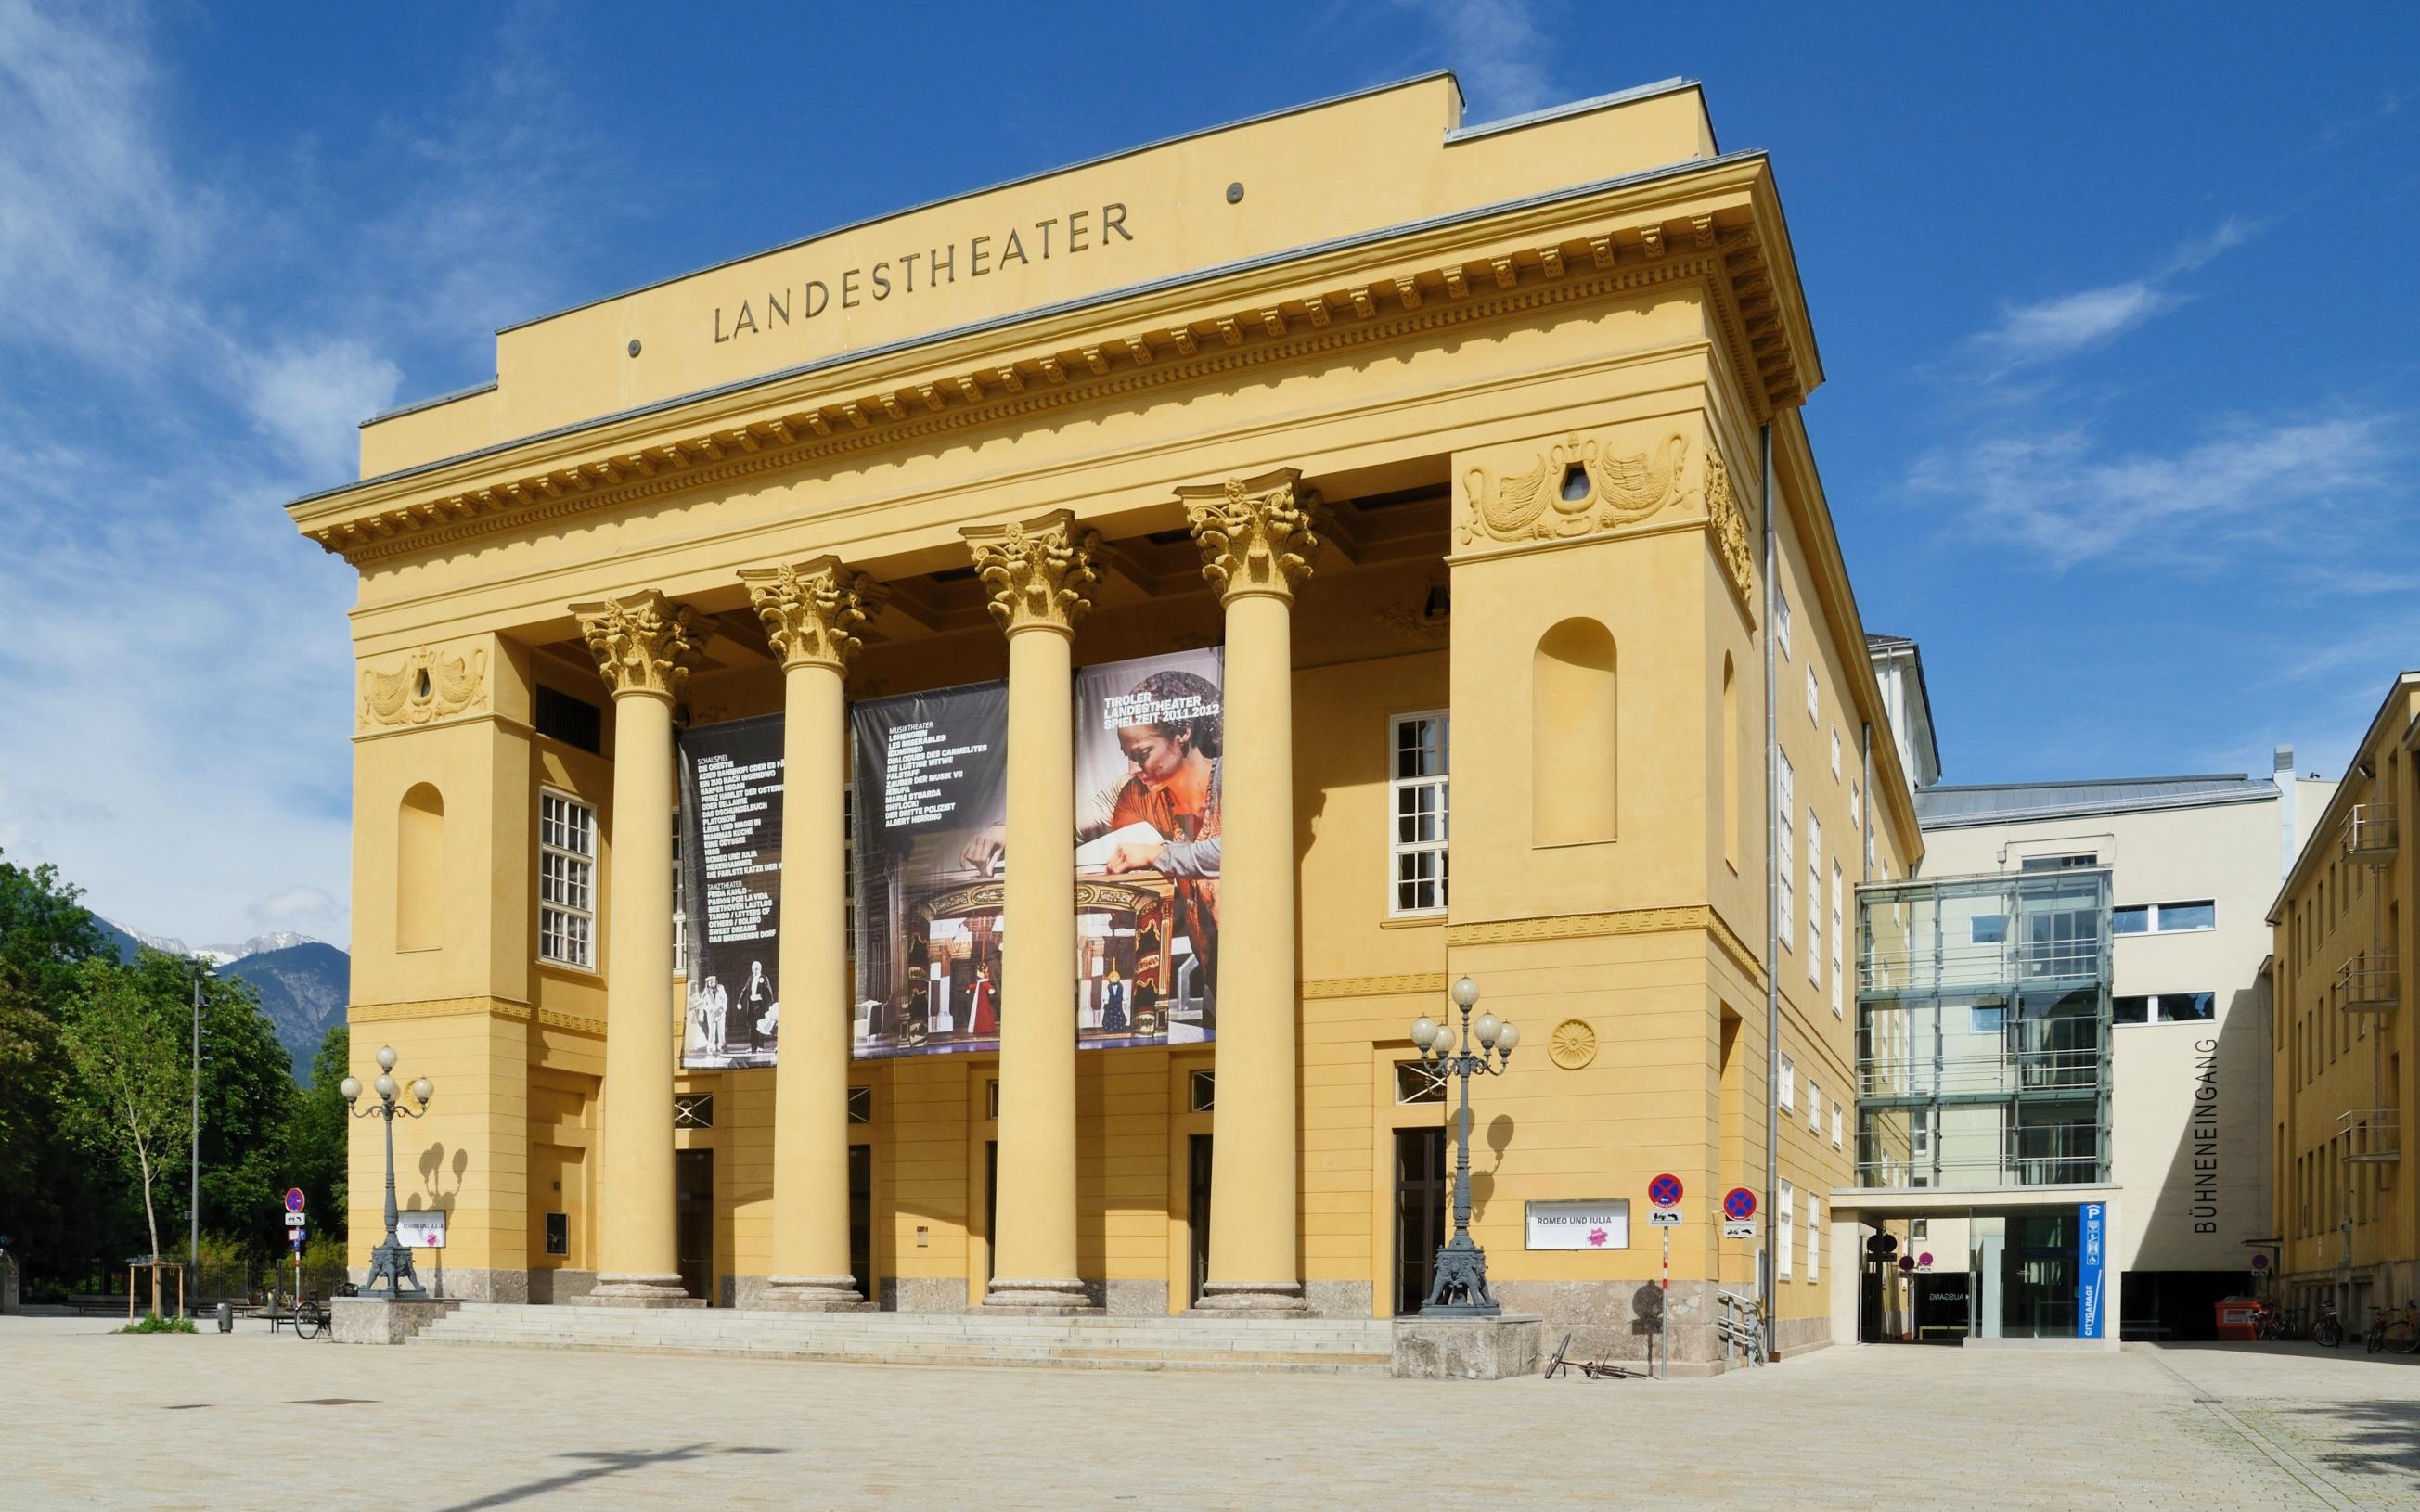 Innsbruck: Landestheater